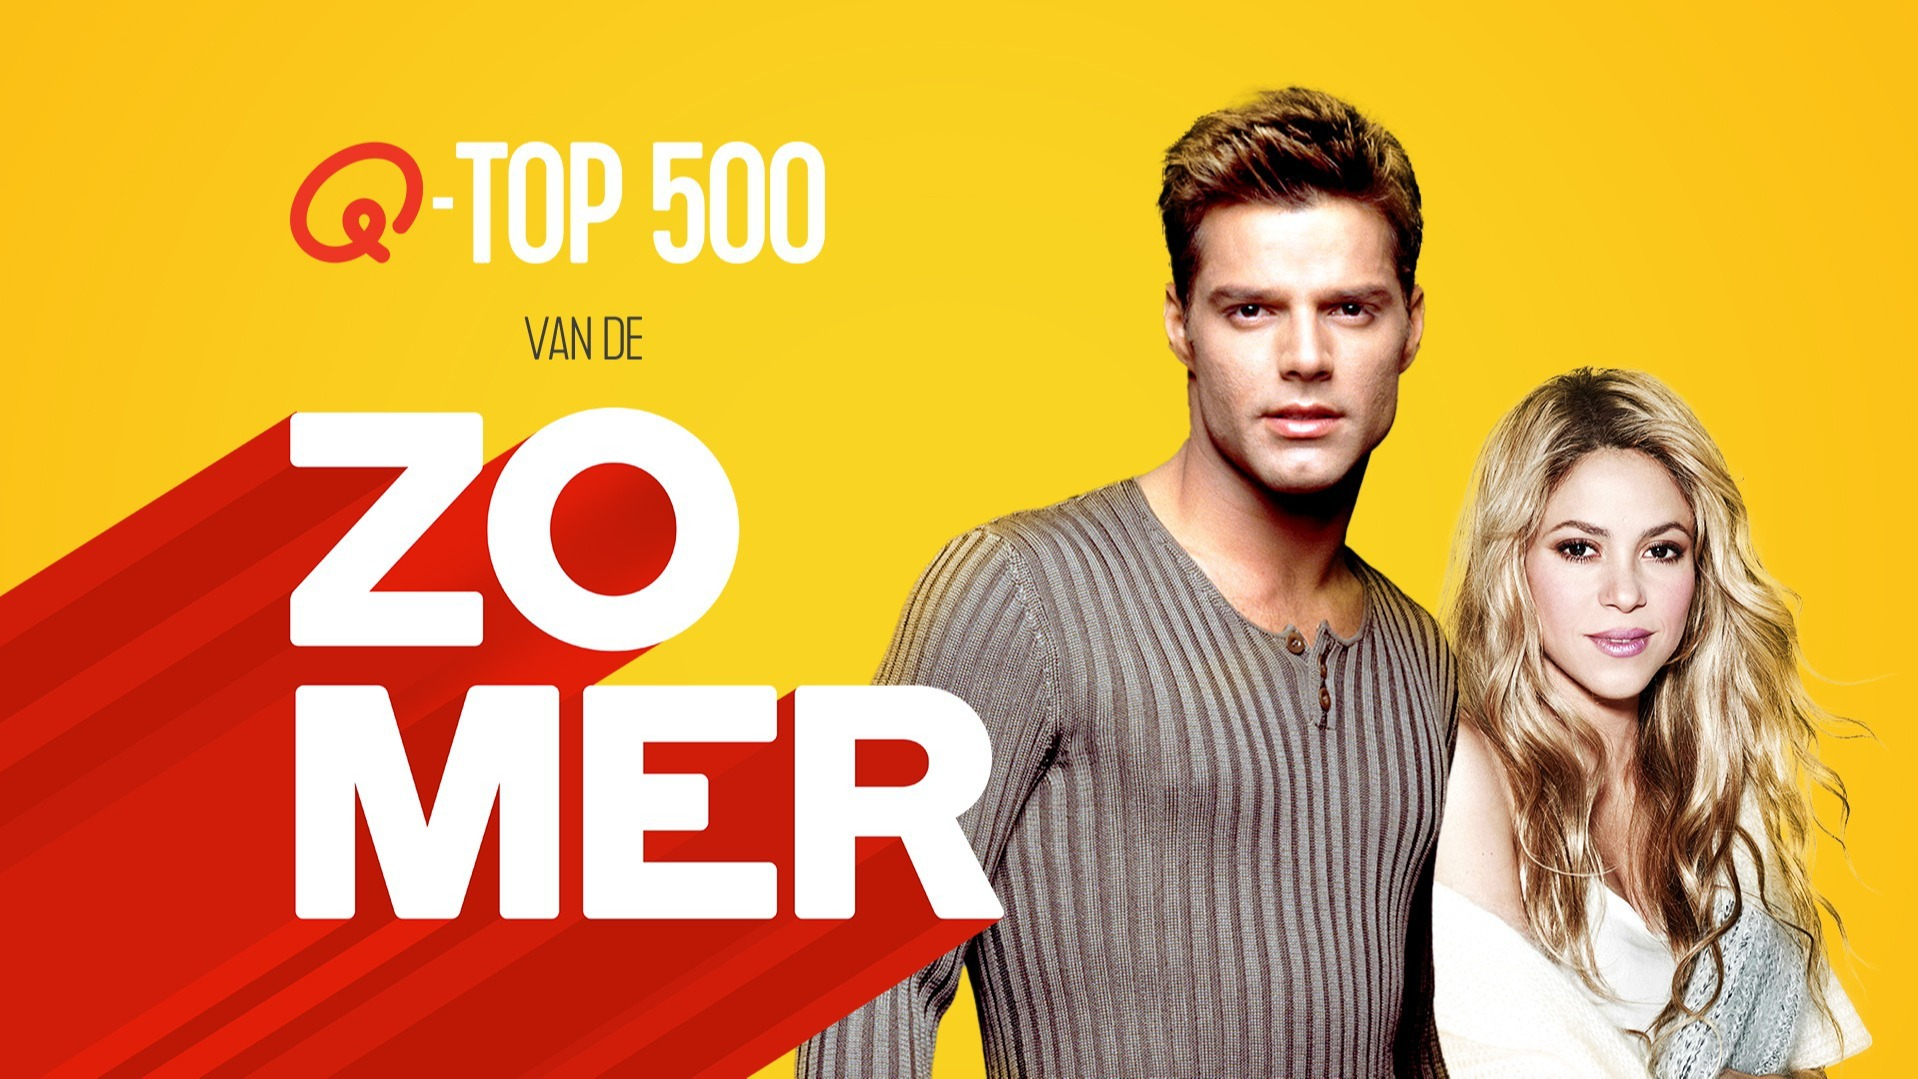 Top500 zomer artiesten v01